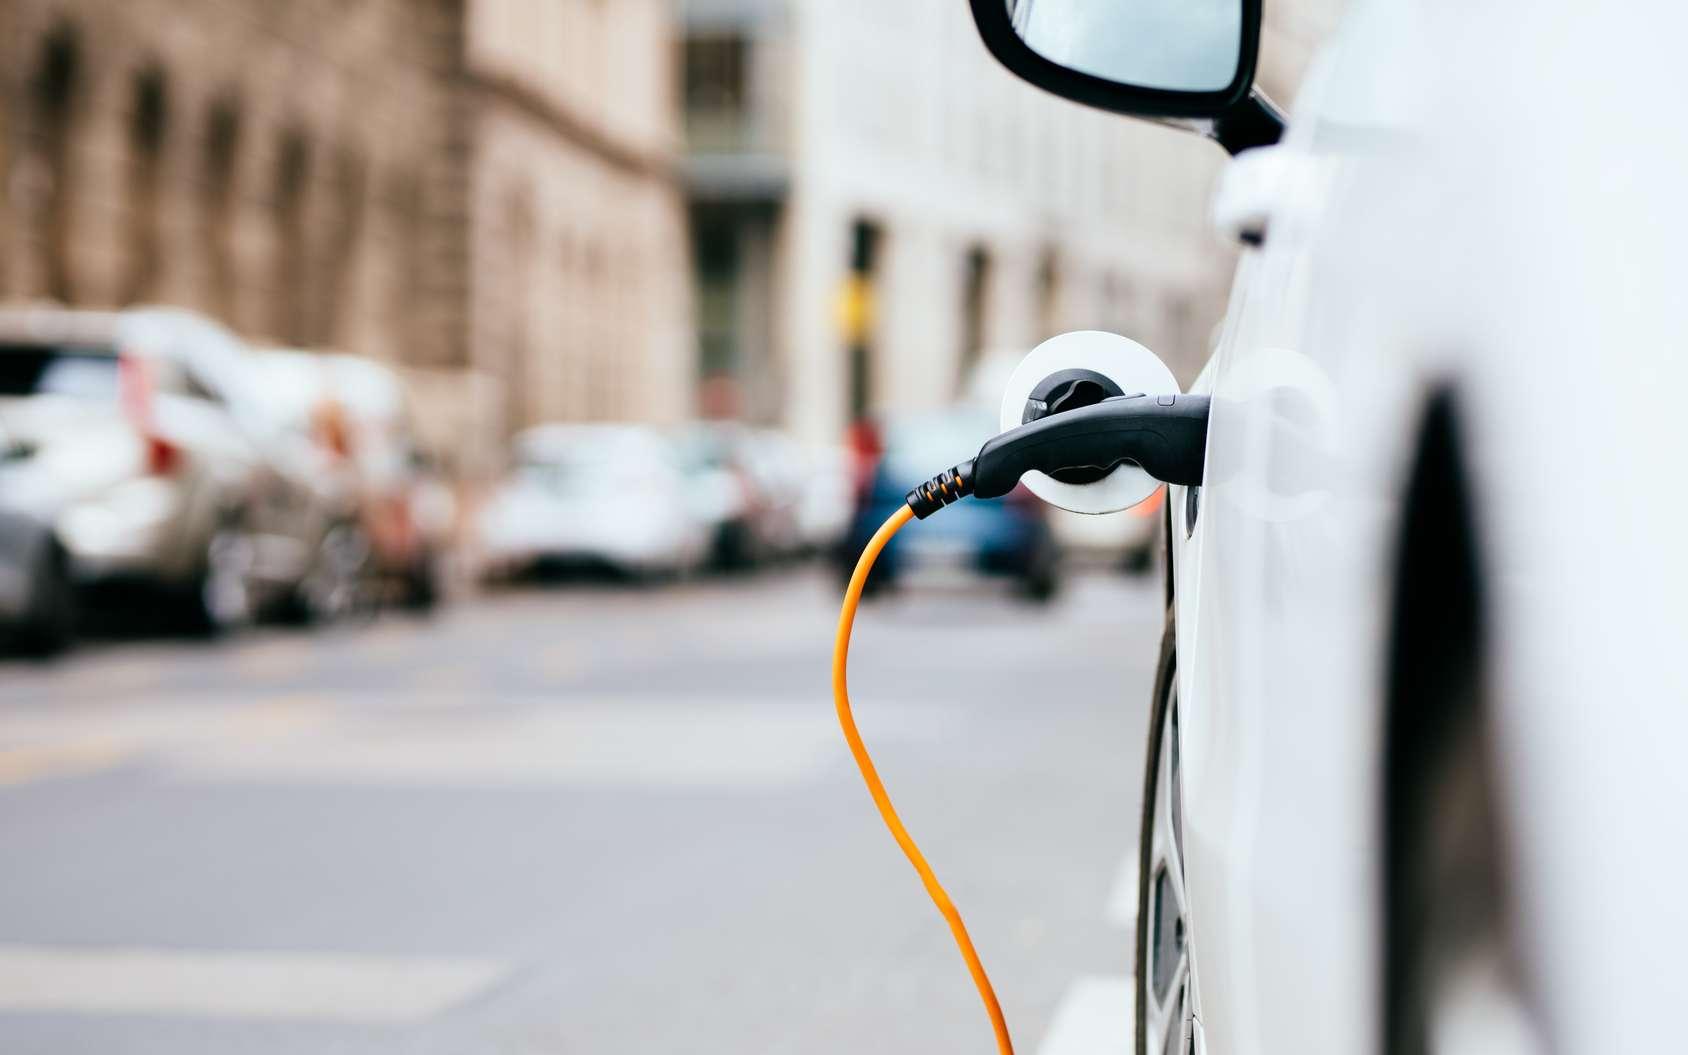 Le consortium Ionity, formé par BMW, Daimler, Ford et Volkswagen, est ouvert aux autres constructeurs automobiles. Le but est de créer un réseau de recharge ultra-rapide pour les véhicules électriques. © Baranq, Fotolia